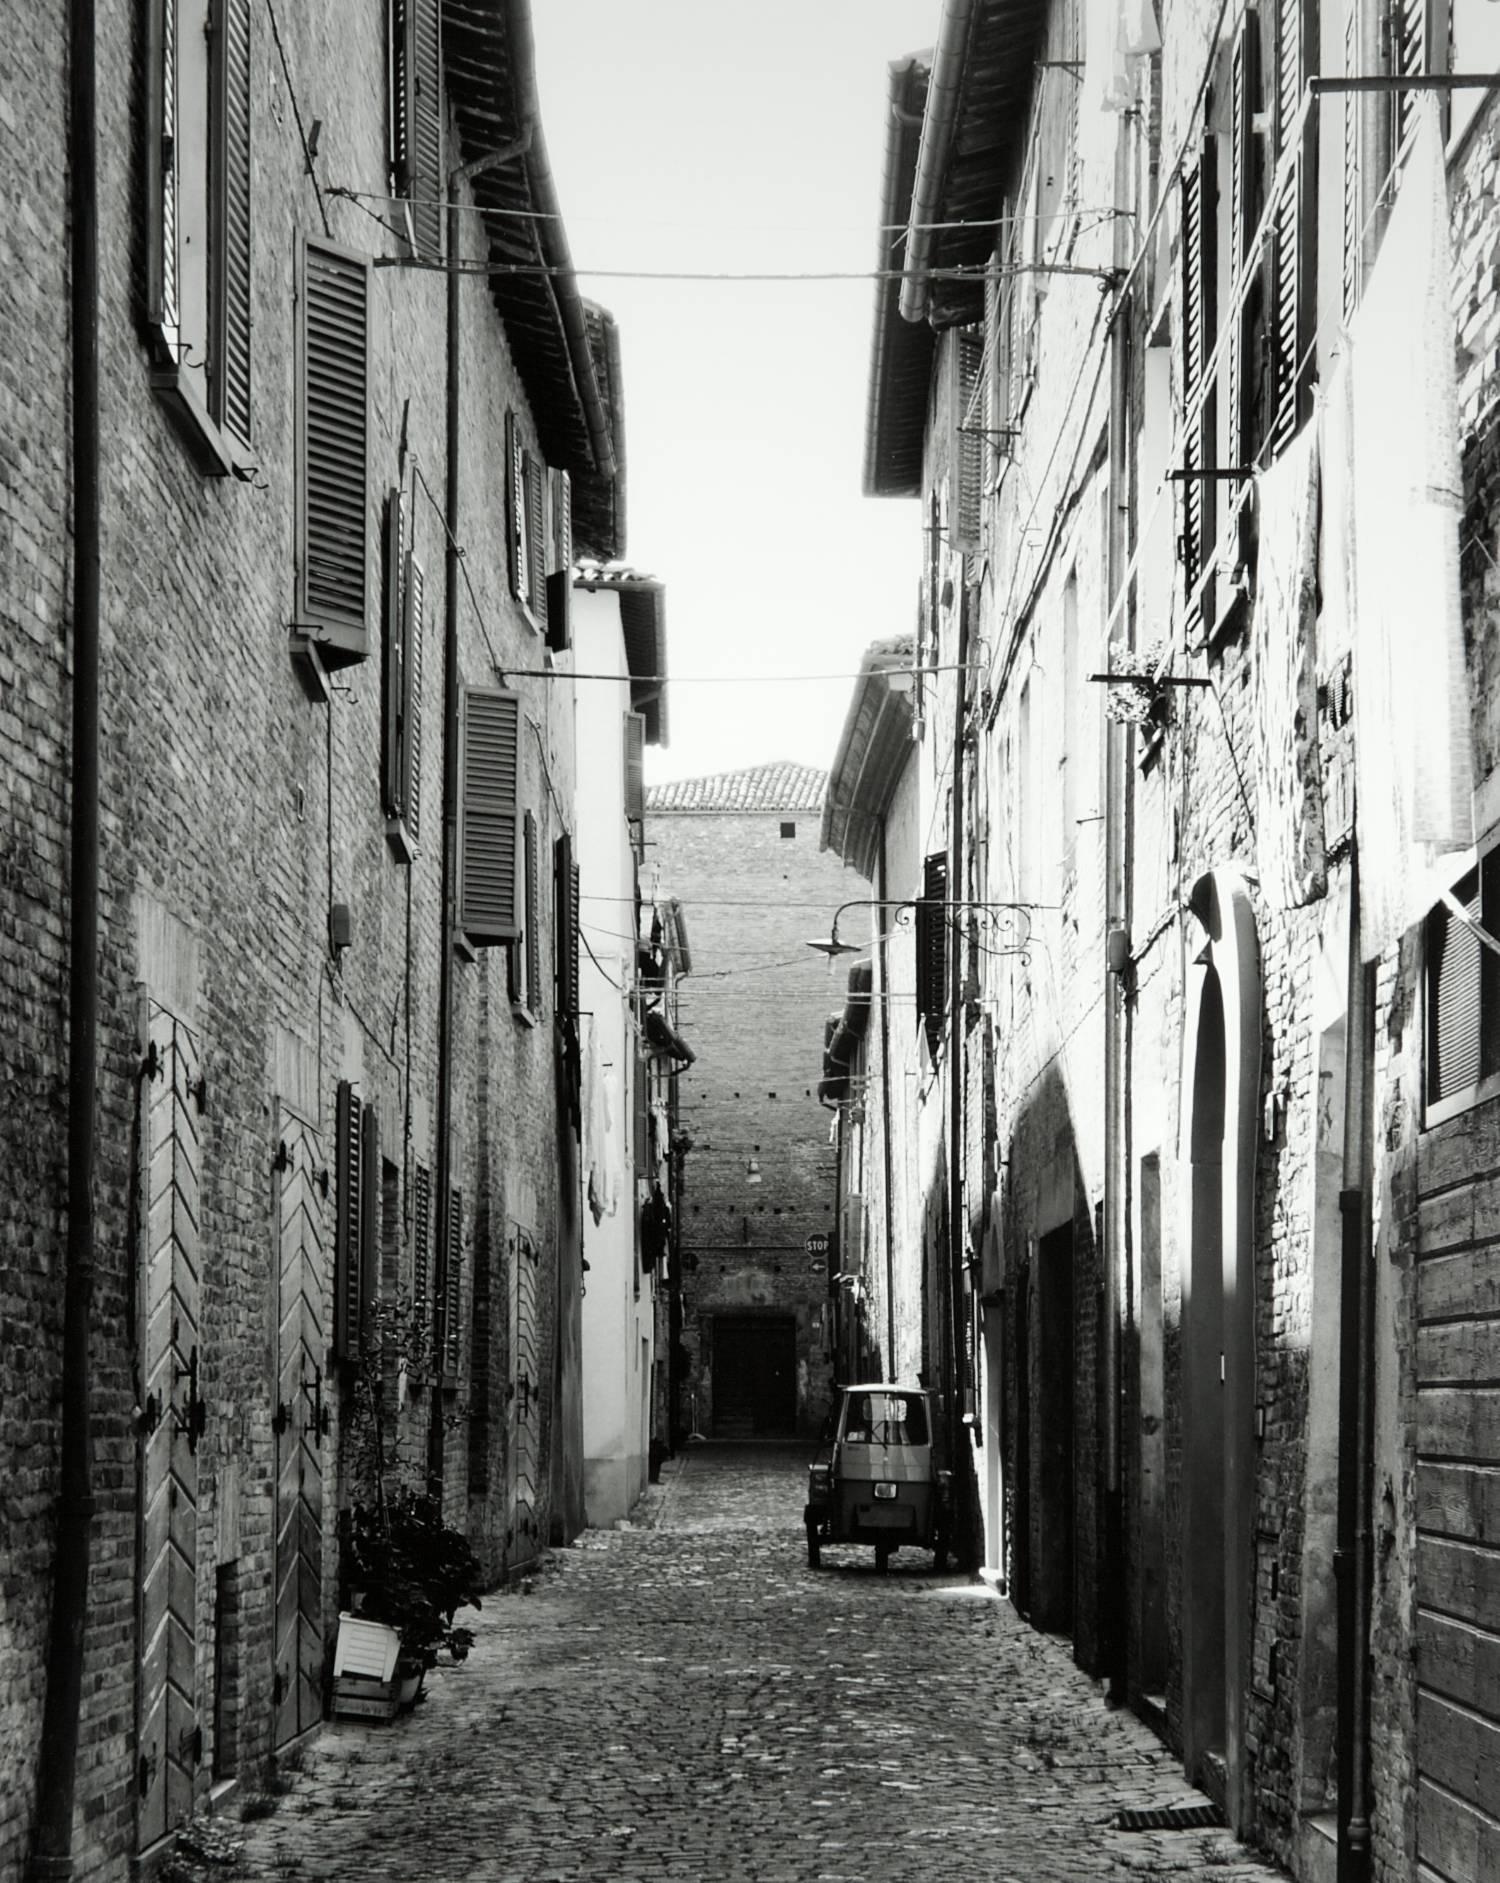 Urbania Street (Italy)